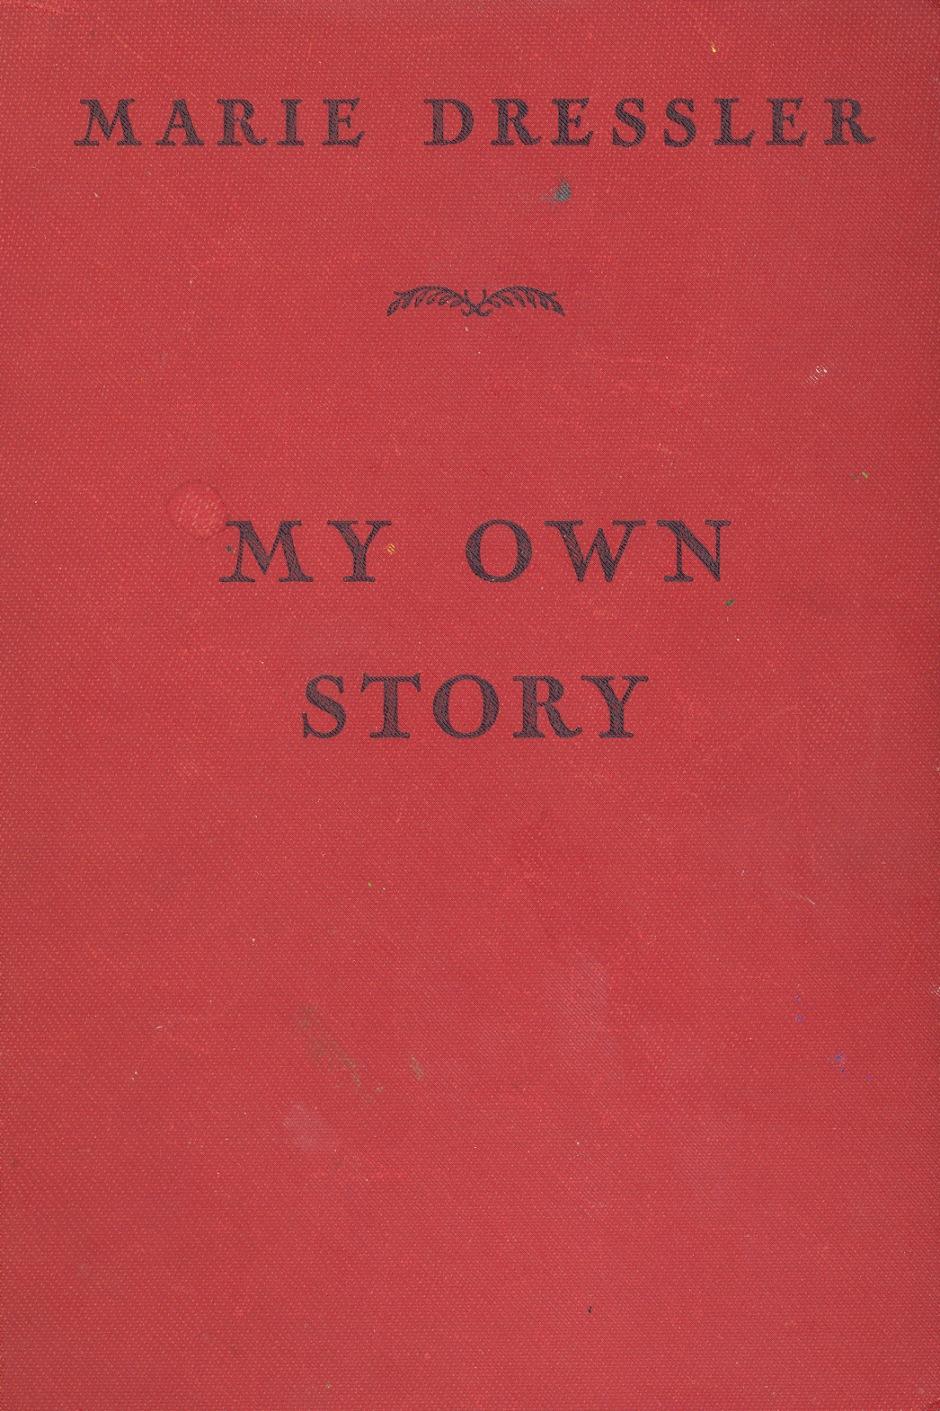 dressler-marie-my-own-story